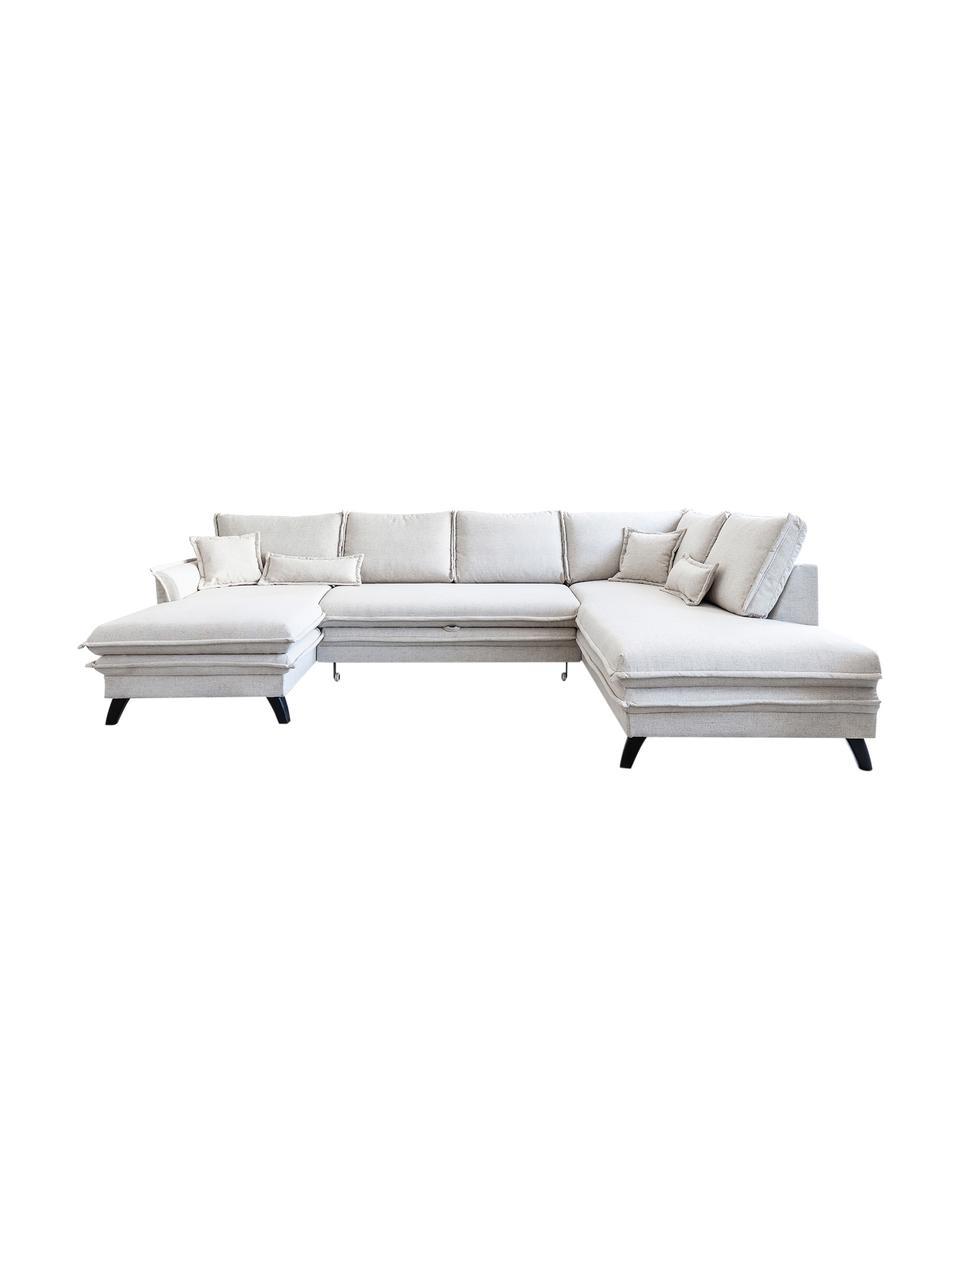 Sofa narożna z funkcją spania i miejscem do przechowywania Charming Charlie, Tapicerka: 100% poliester, w dotyku , Stelaż: drewno naturalne, płyta w, Beżowy, S 302 x G 200 cm